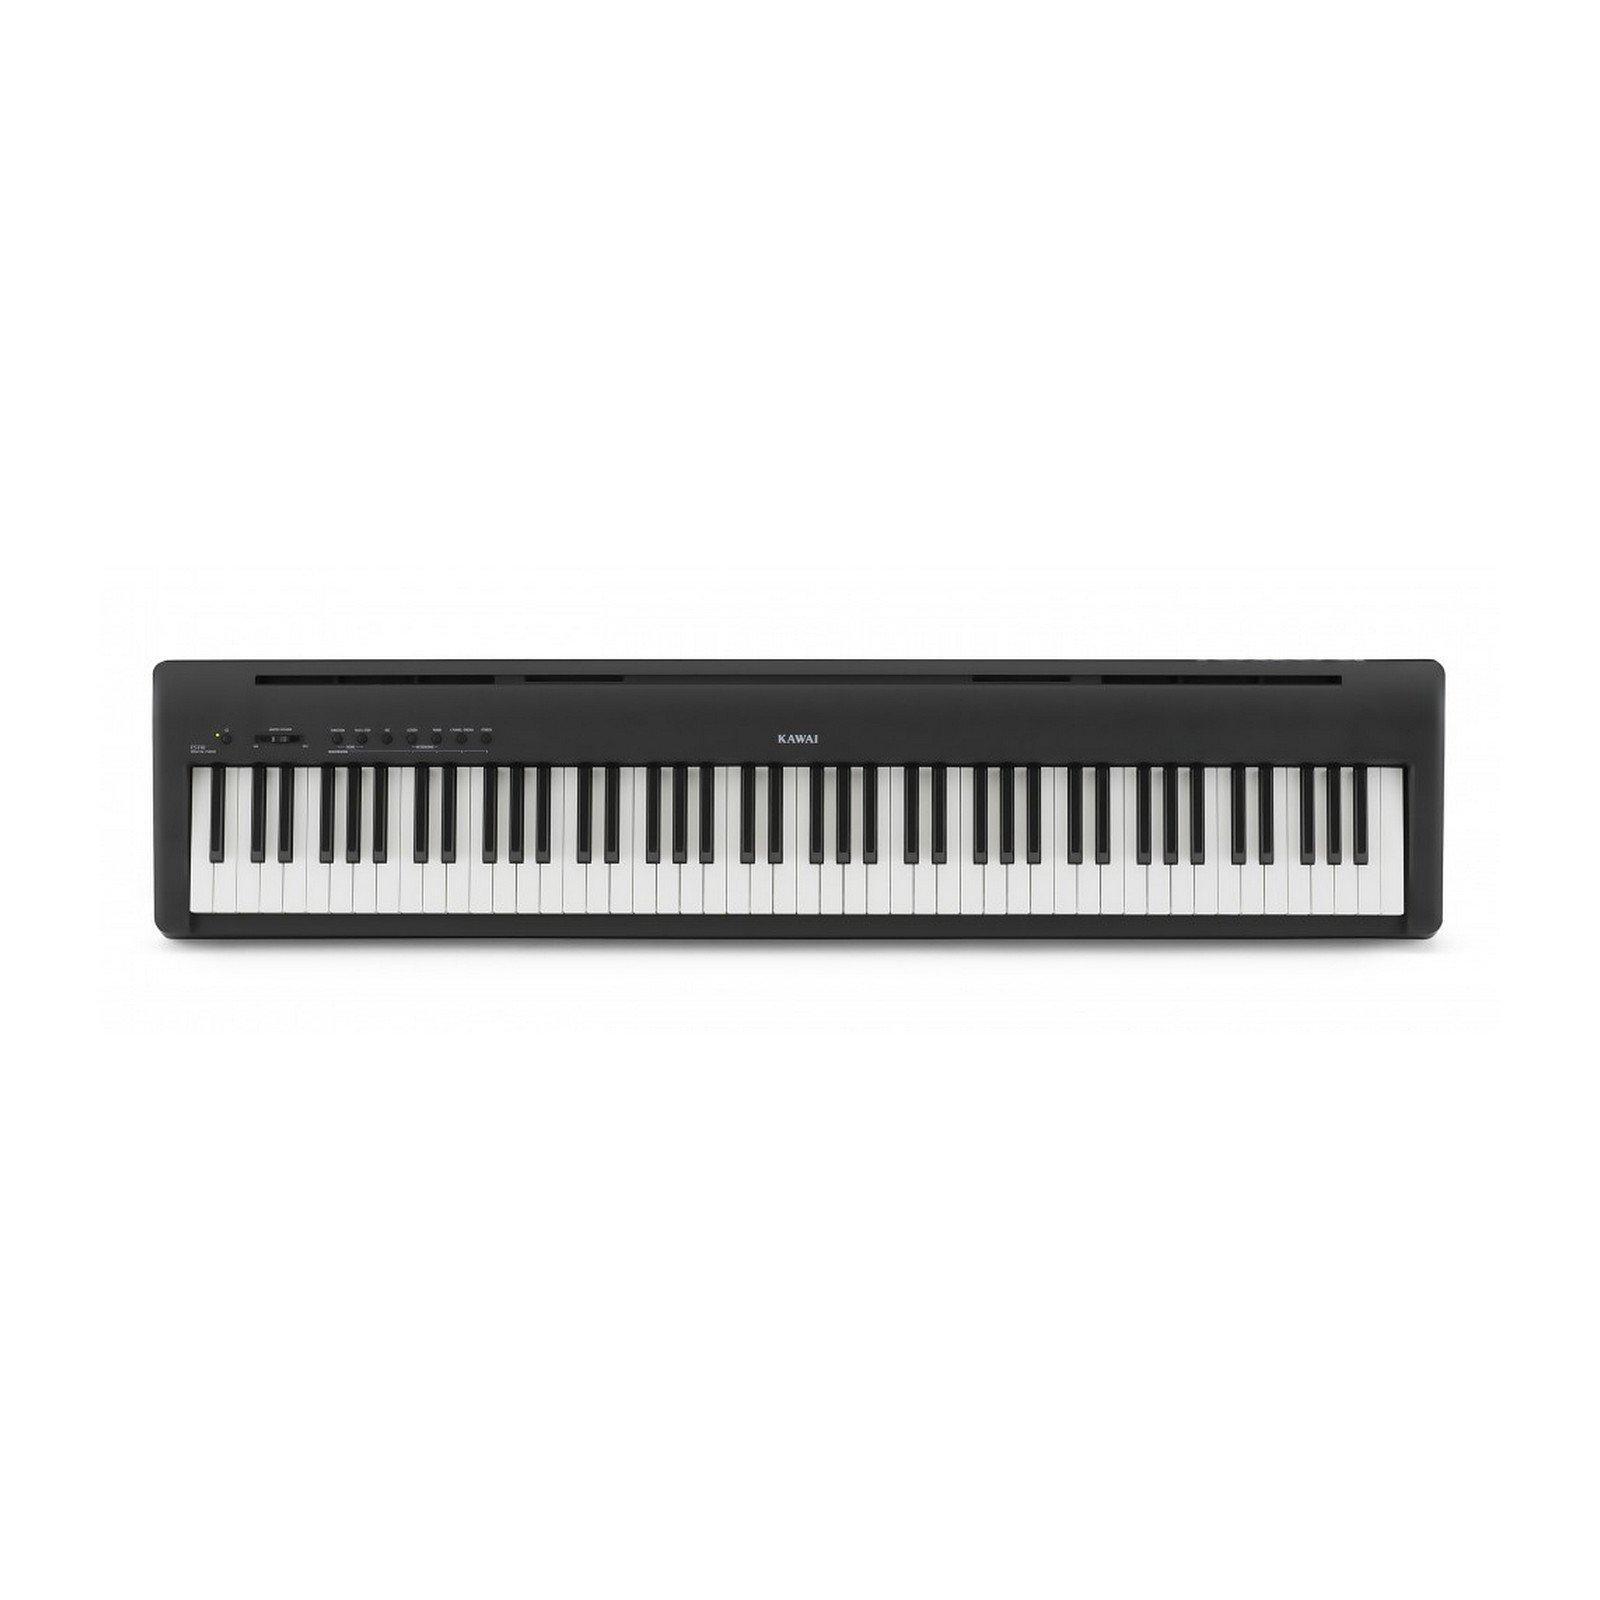 Kawai ES110 | 88 Key Portable Bluetooth MIDI Digital Piano Black